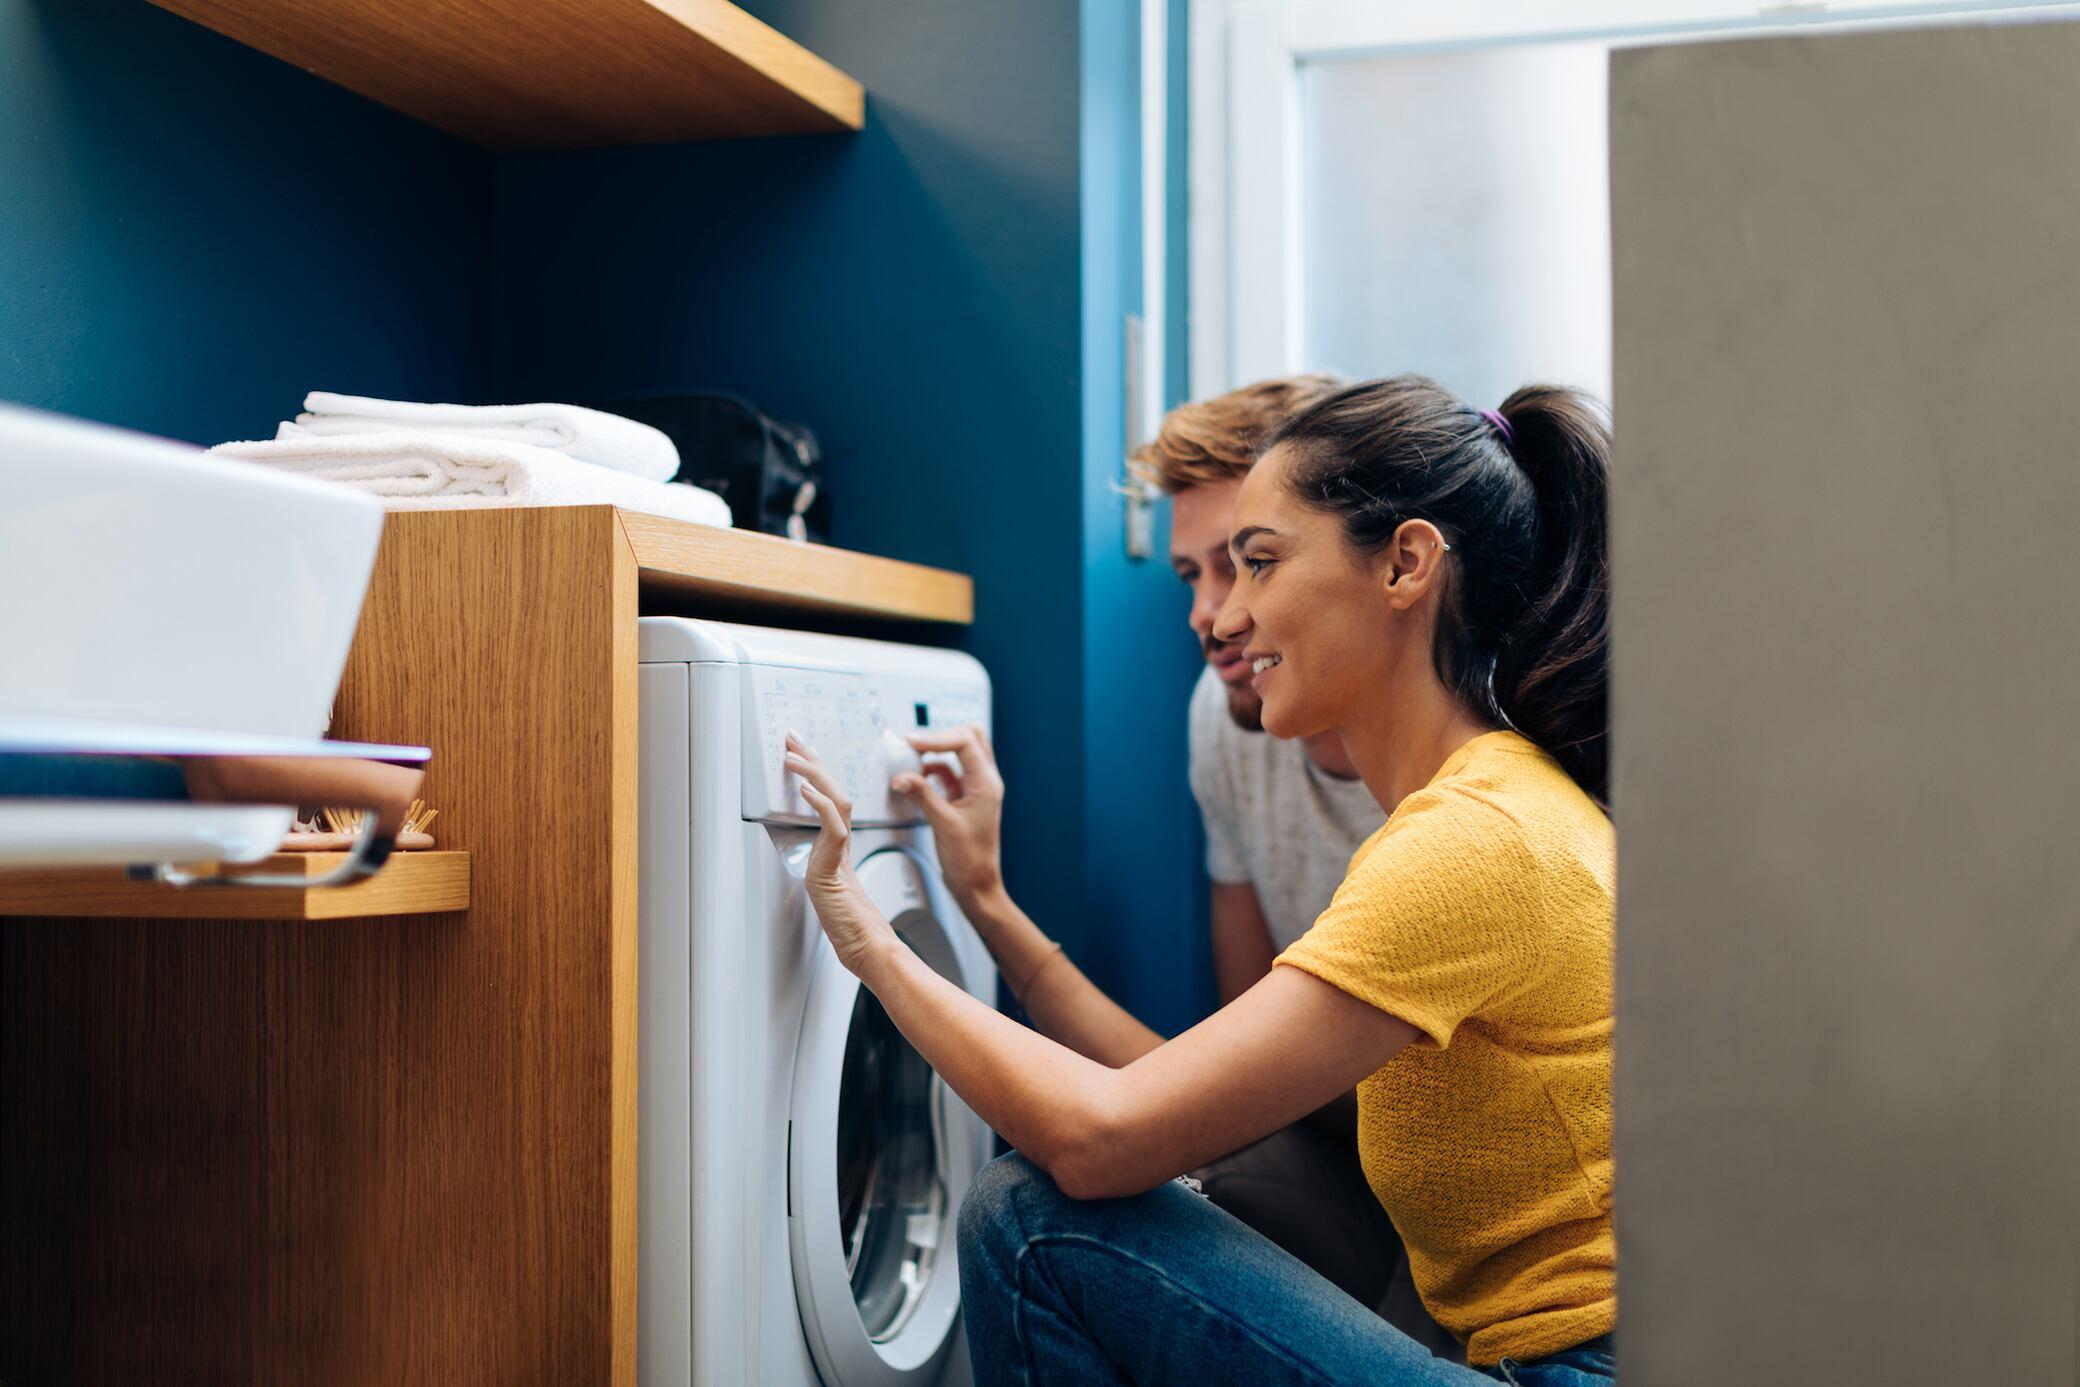 Dürfen Waschmaschine und Spülmaschine laufen, wenn Sie nicht zu Hause sind?